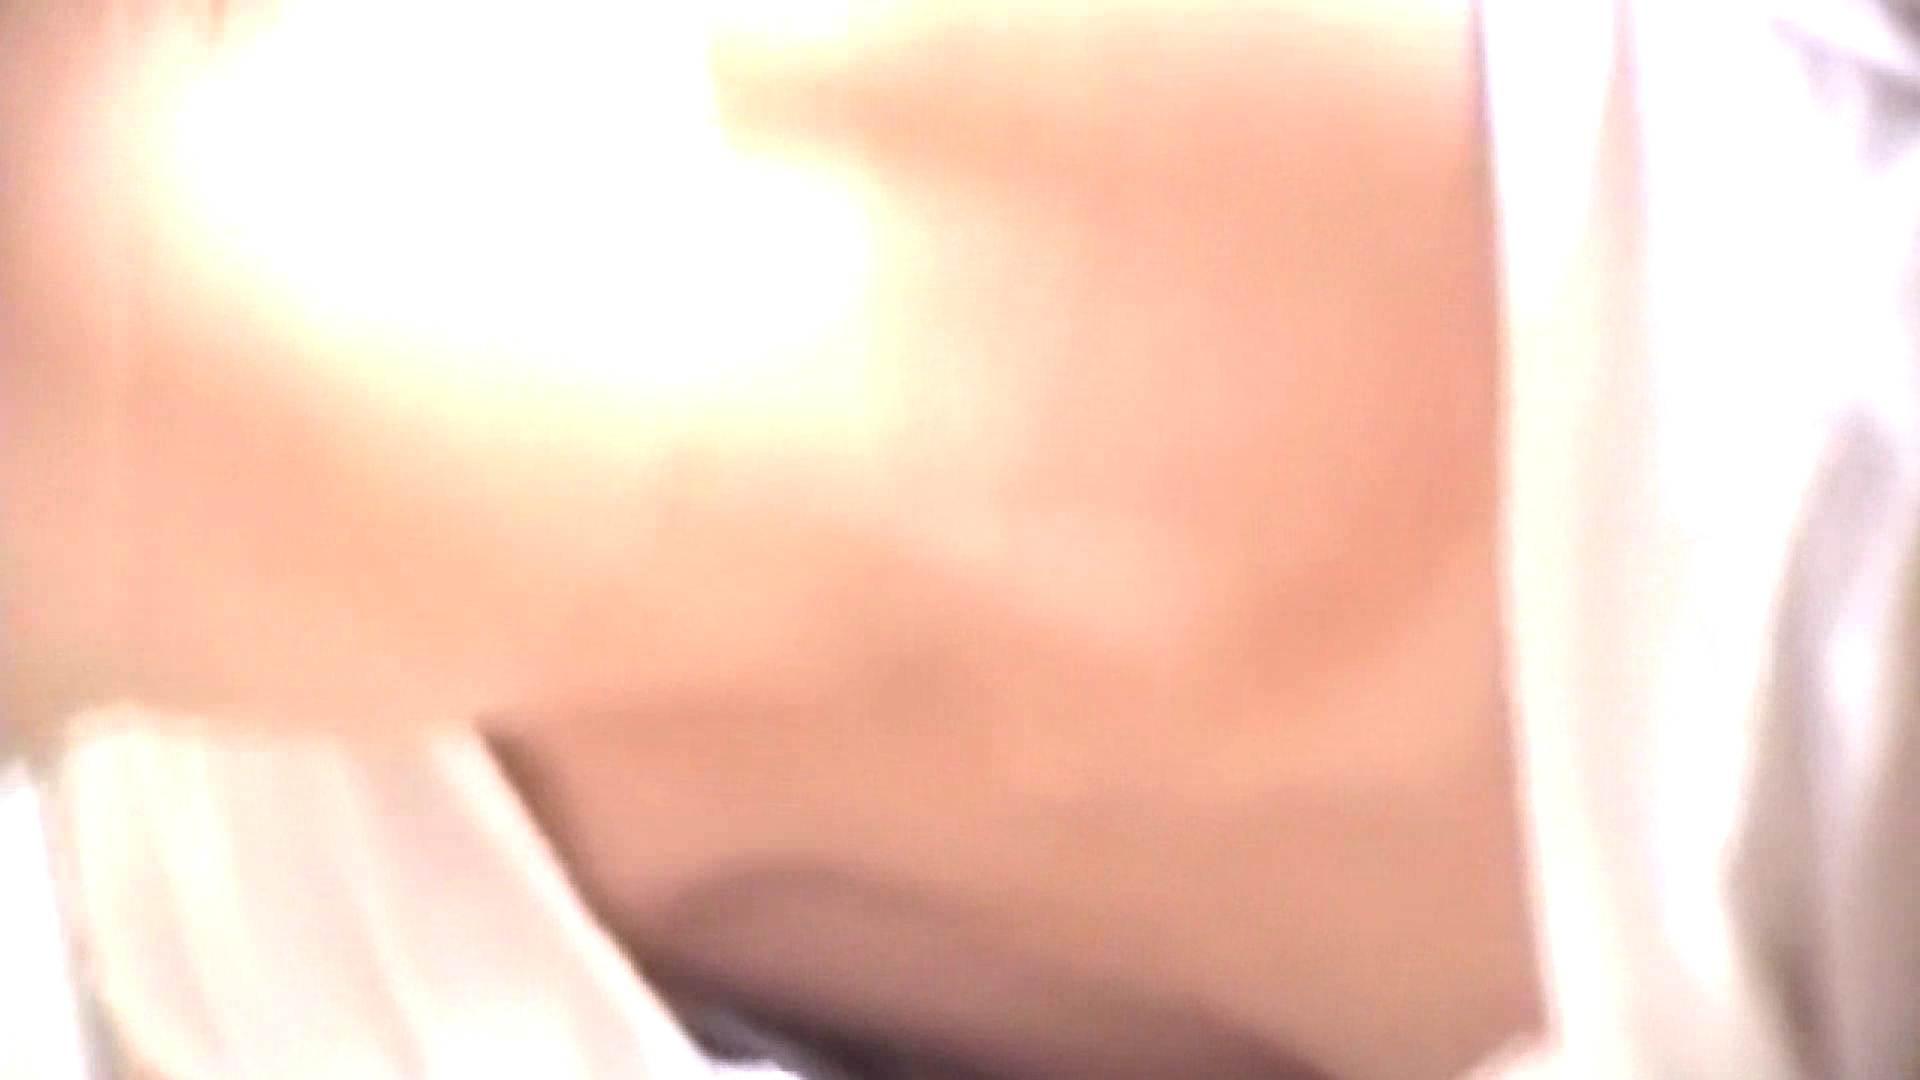 真剣に買い物中のgal達を上から下から狙います。vol.02 OLのエッチ 盗撮動画紹介 63pic 22